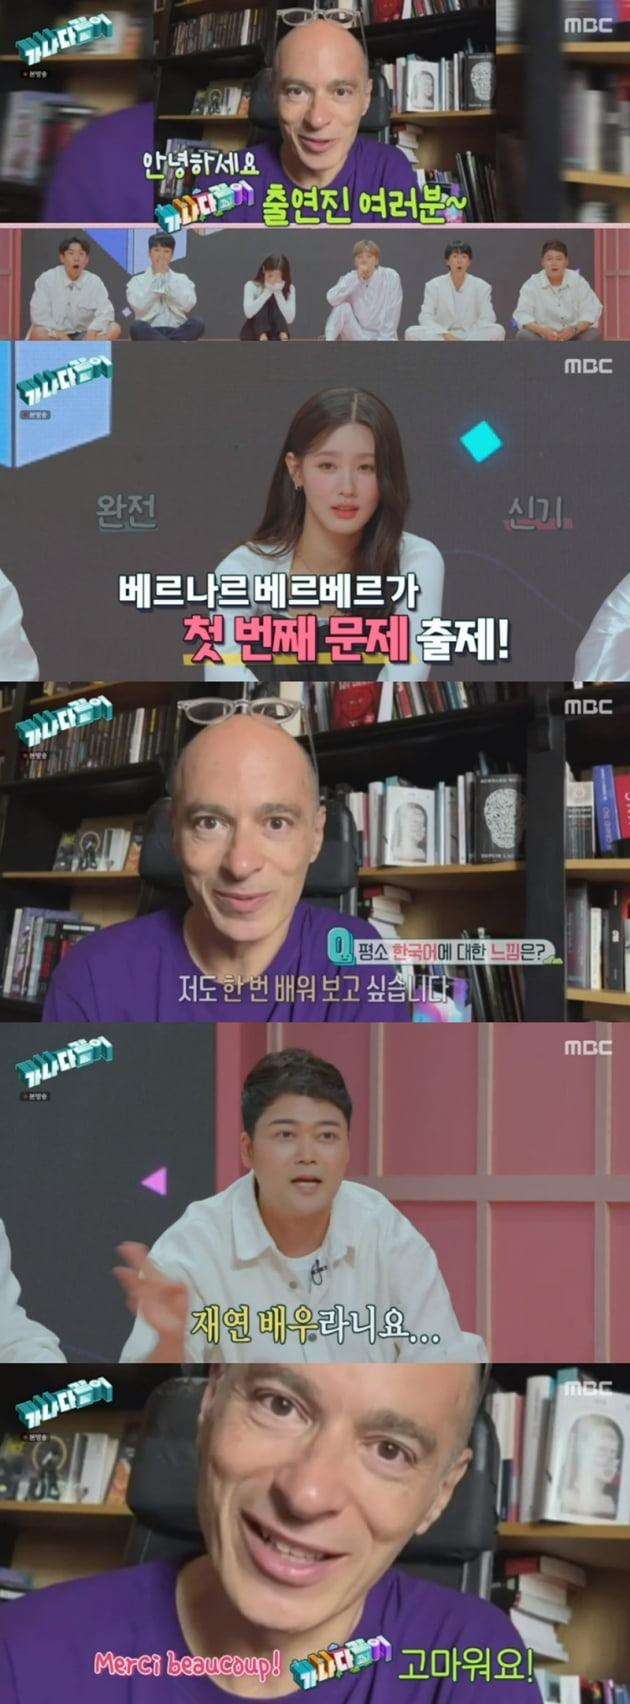 '가나다같이' / 사진 = MBC 영상 캡처